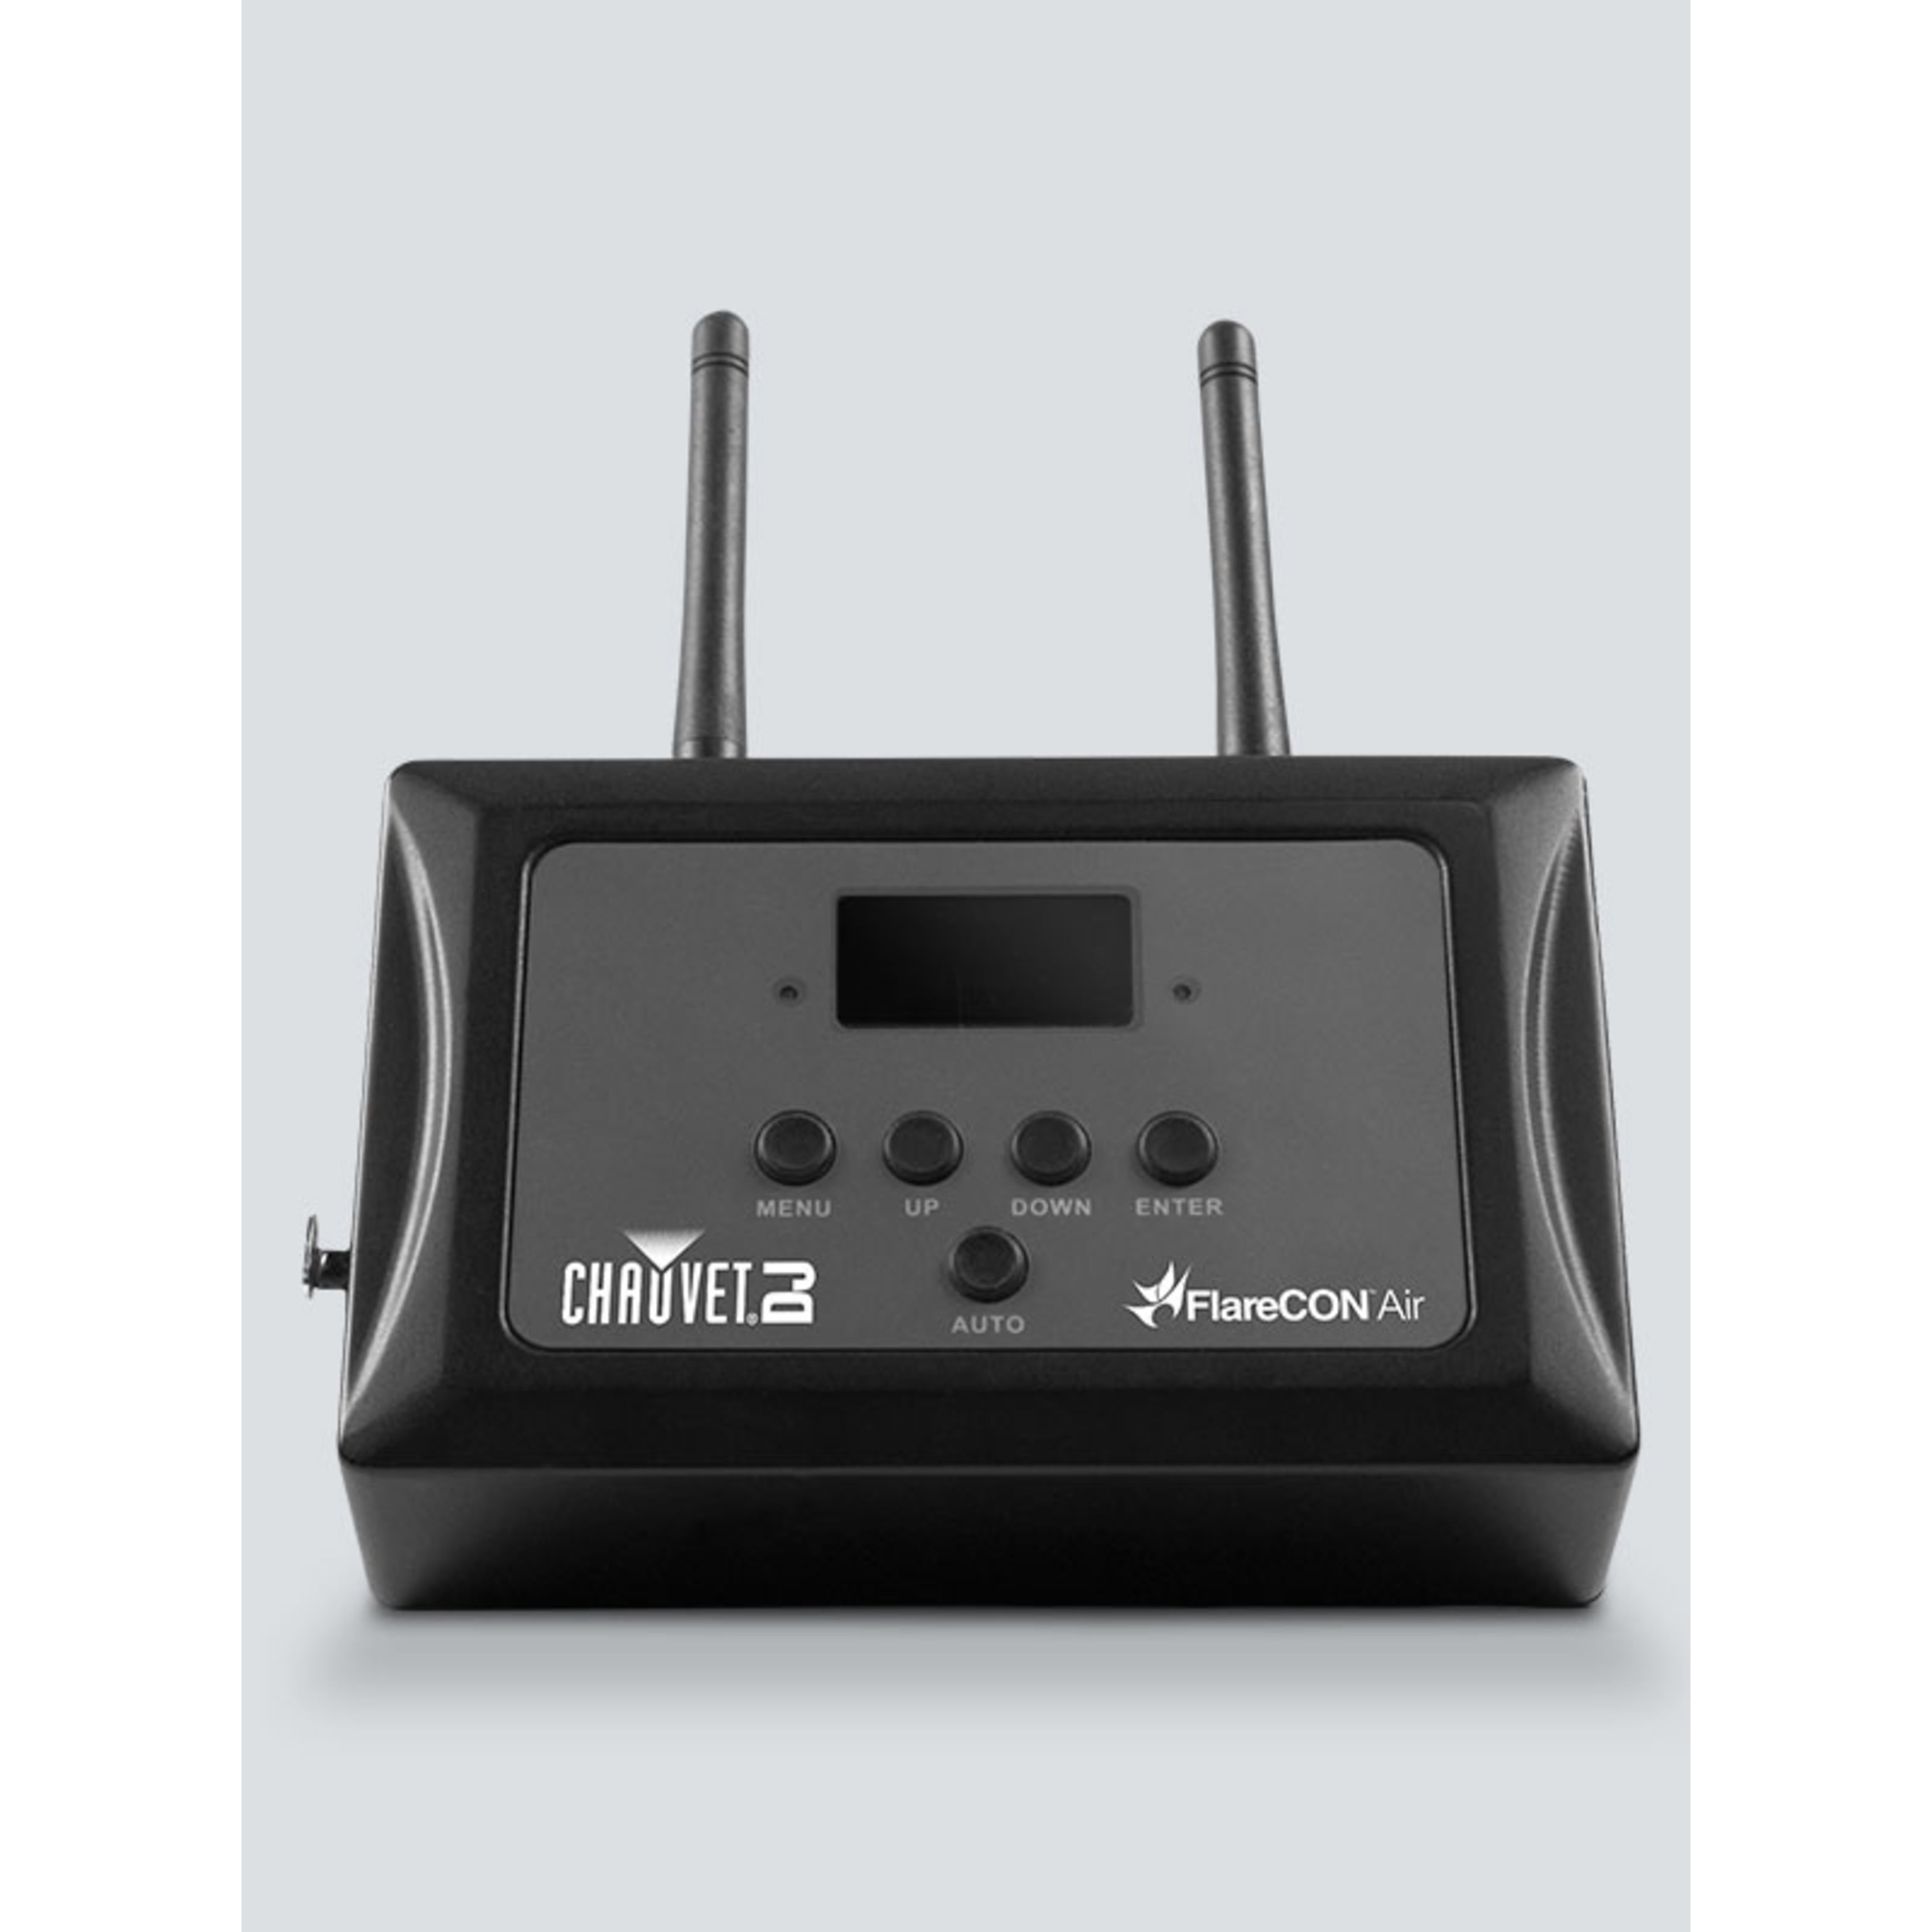 Chauvet DJ - FlareCON Air 2,4 GHz Wireless-Transceiver